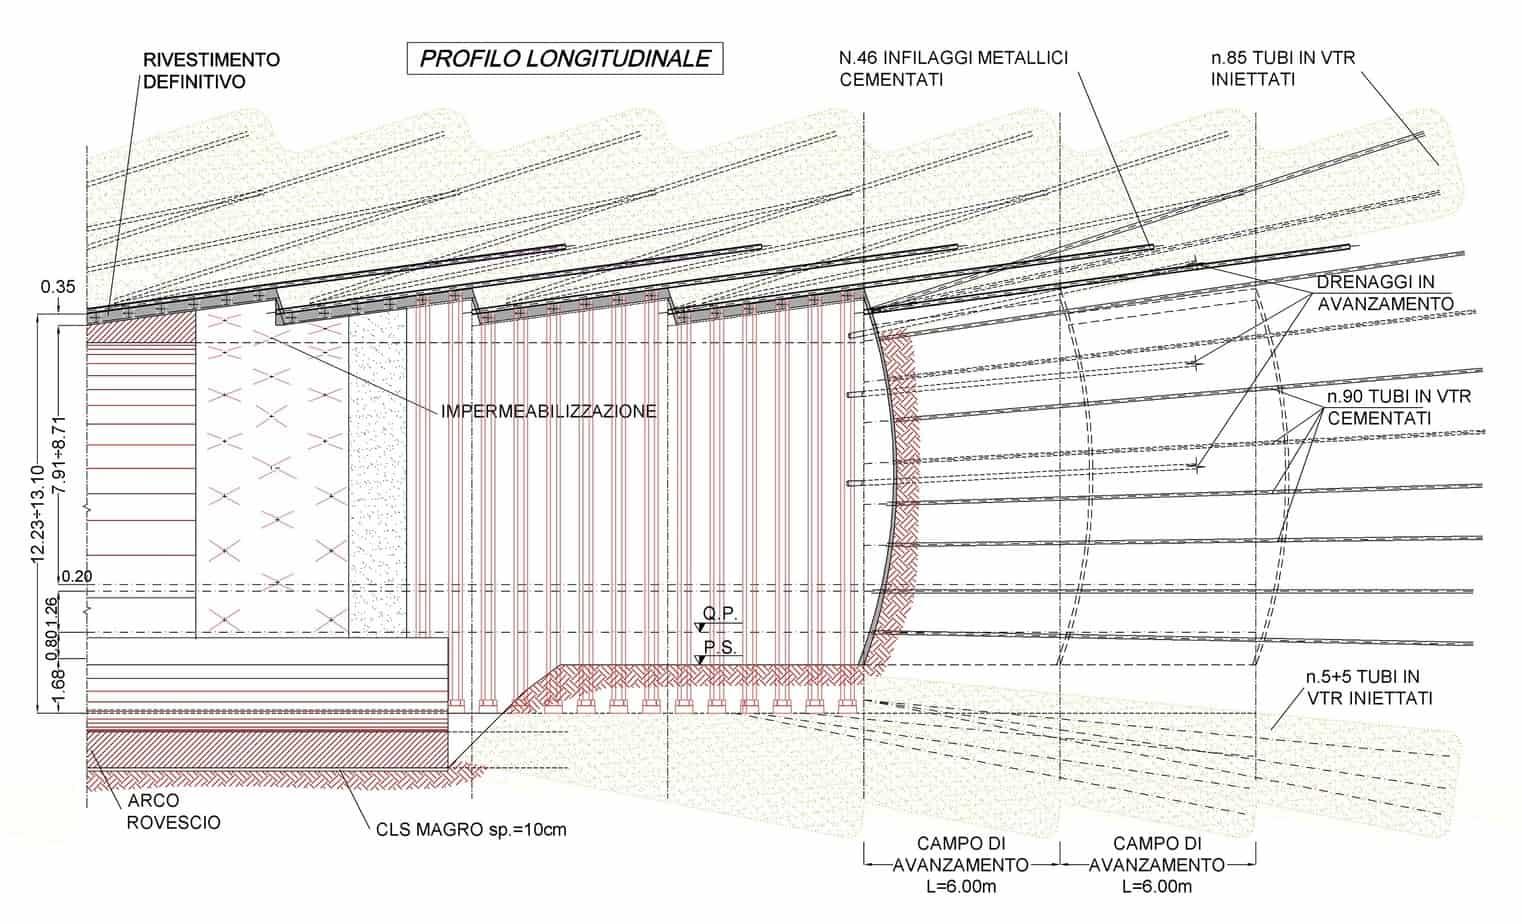 La sezione tipo C2a del Progetto Esecutivo (PE)